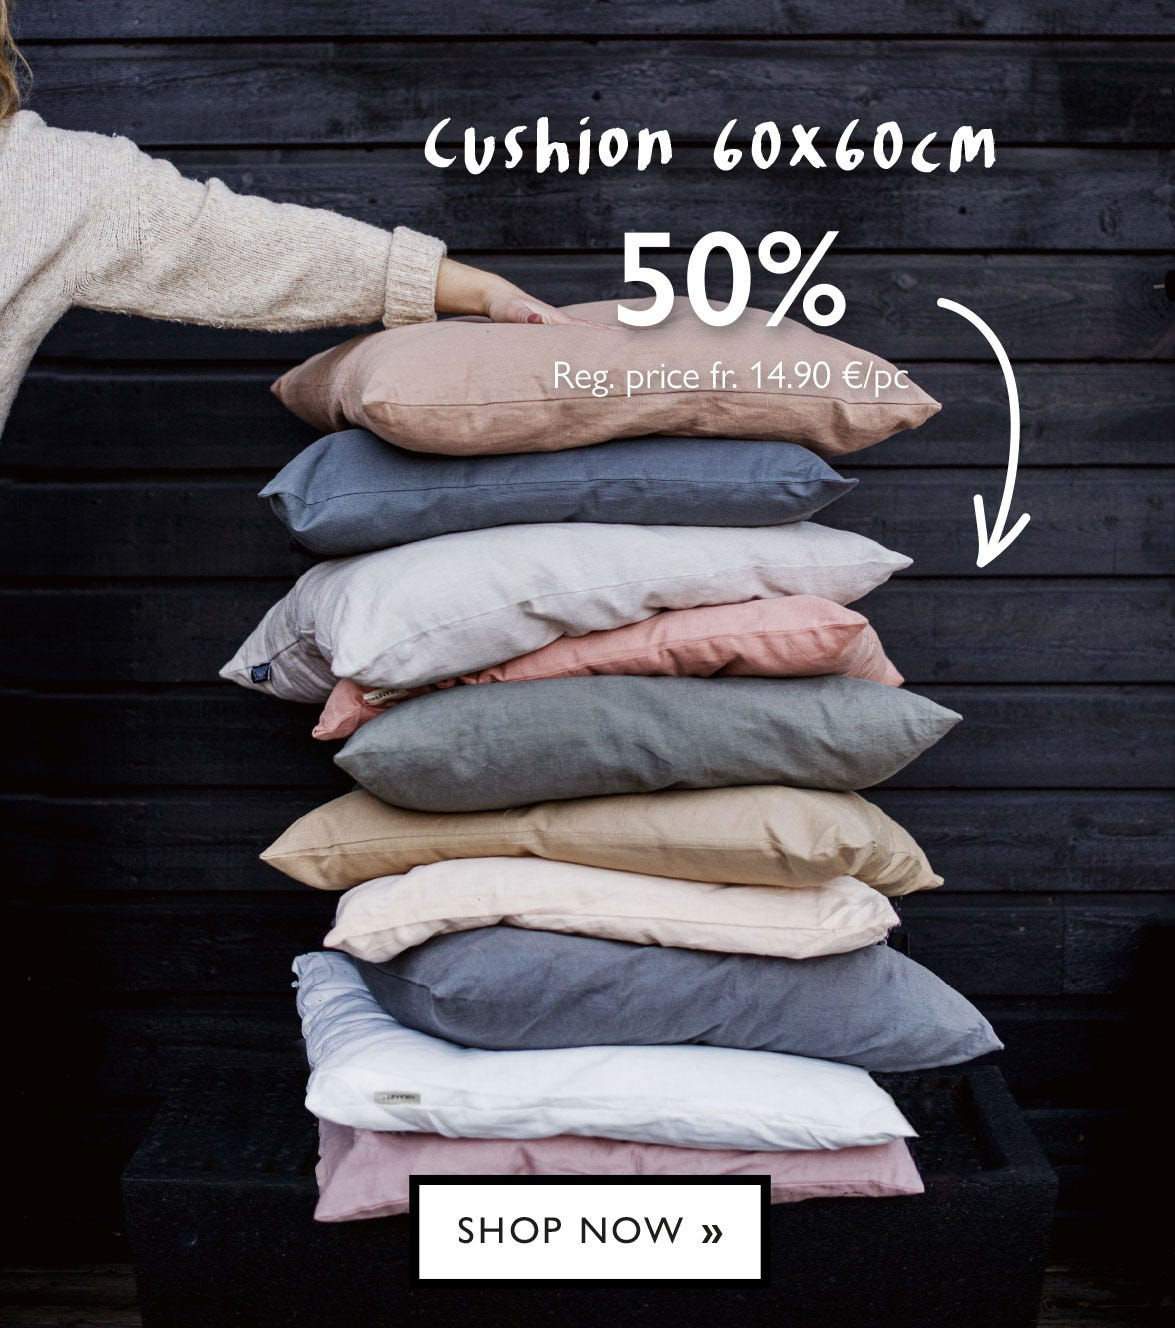 Cushion 60x60 cm - 50% off